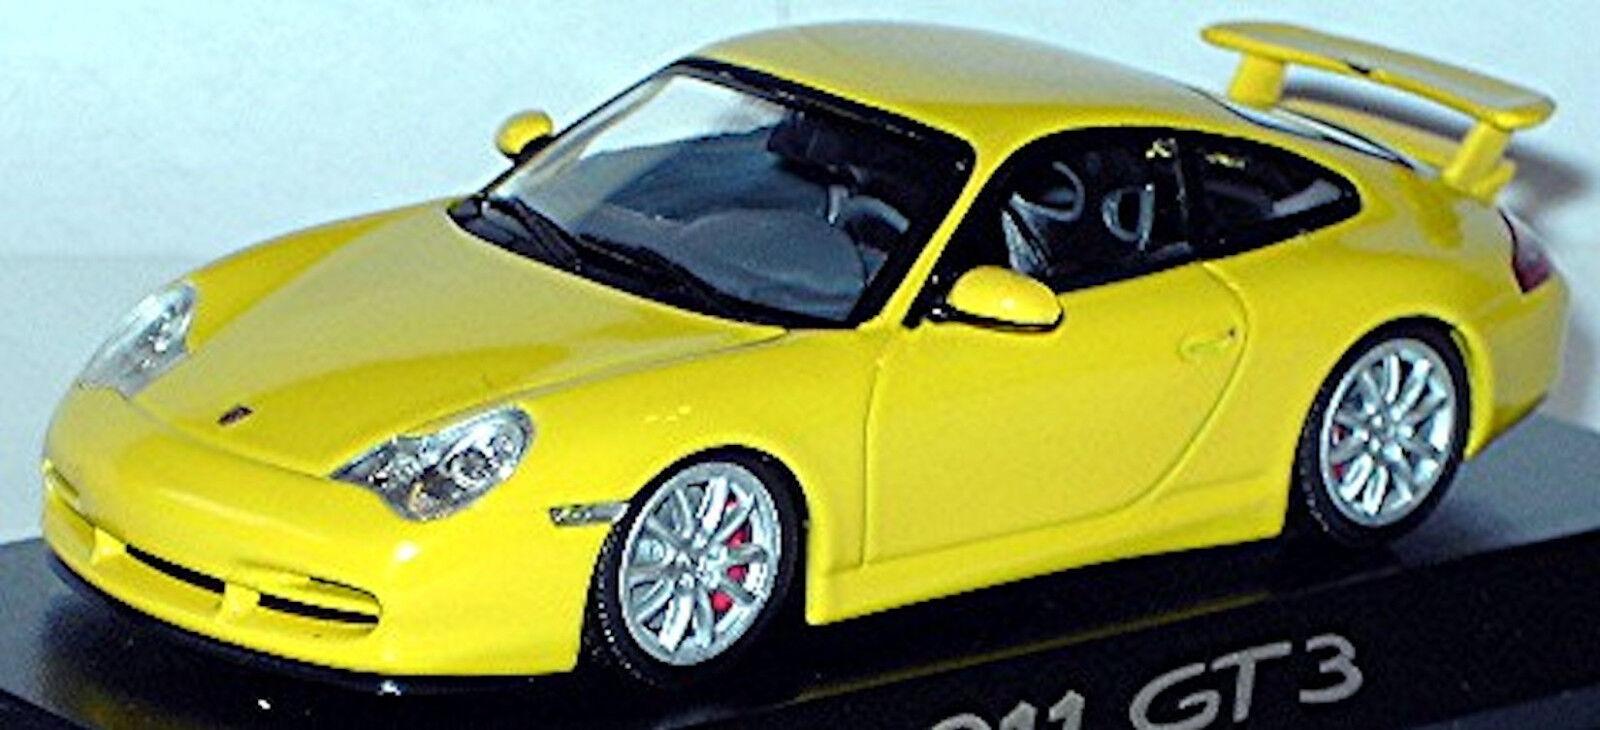 Porsche 911 gt3 type   996 Coupe 1999-2004 Speedjaune jaune 1 43 Minichamps  économisez 60% de réduction et expédition rapide dans le monde entier